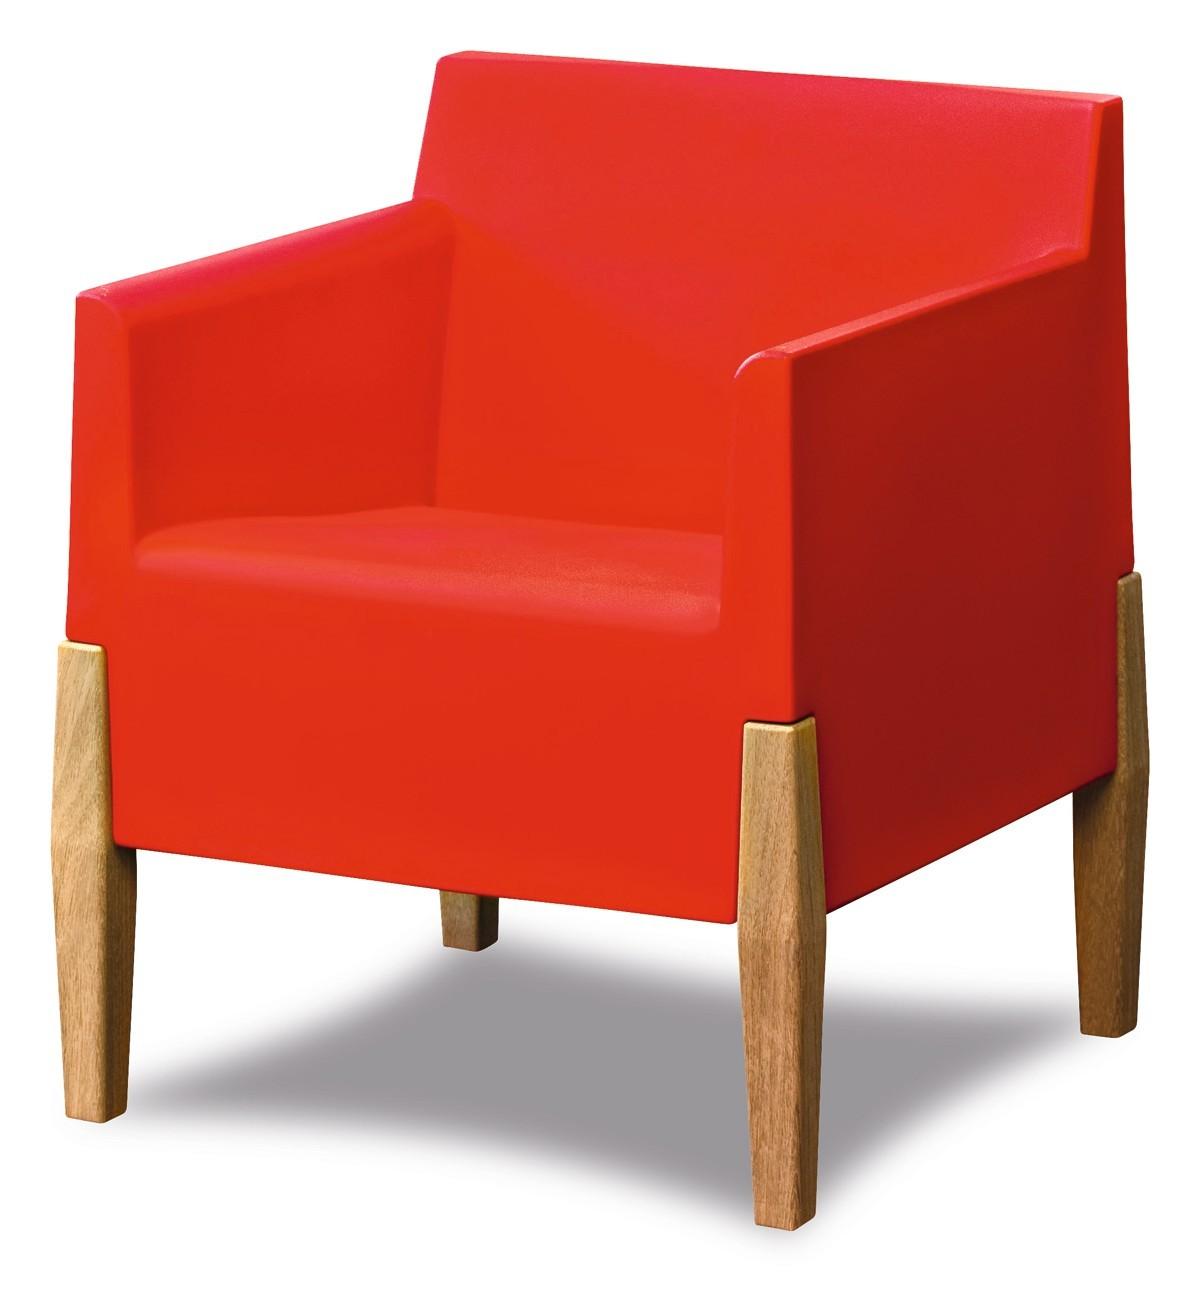 fauteuil bas kubric de serralunga rouge. Black Bedroom Furniture Sets. Home Design Ideas